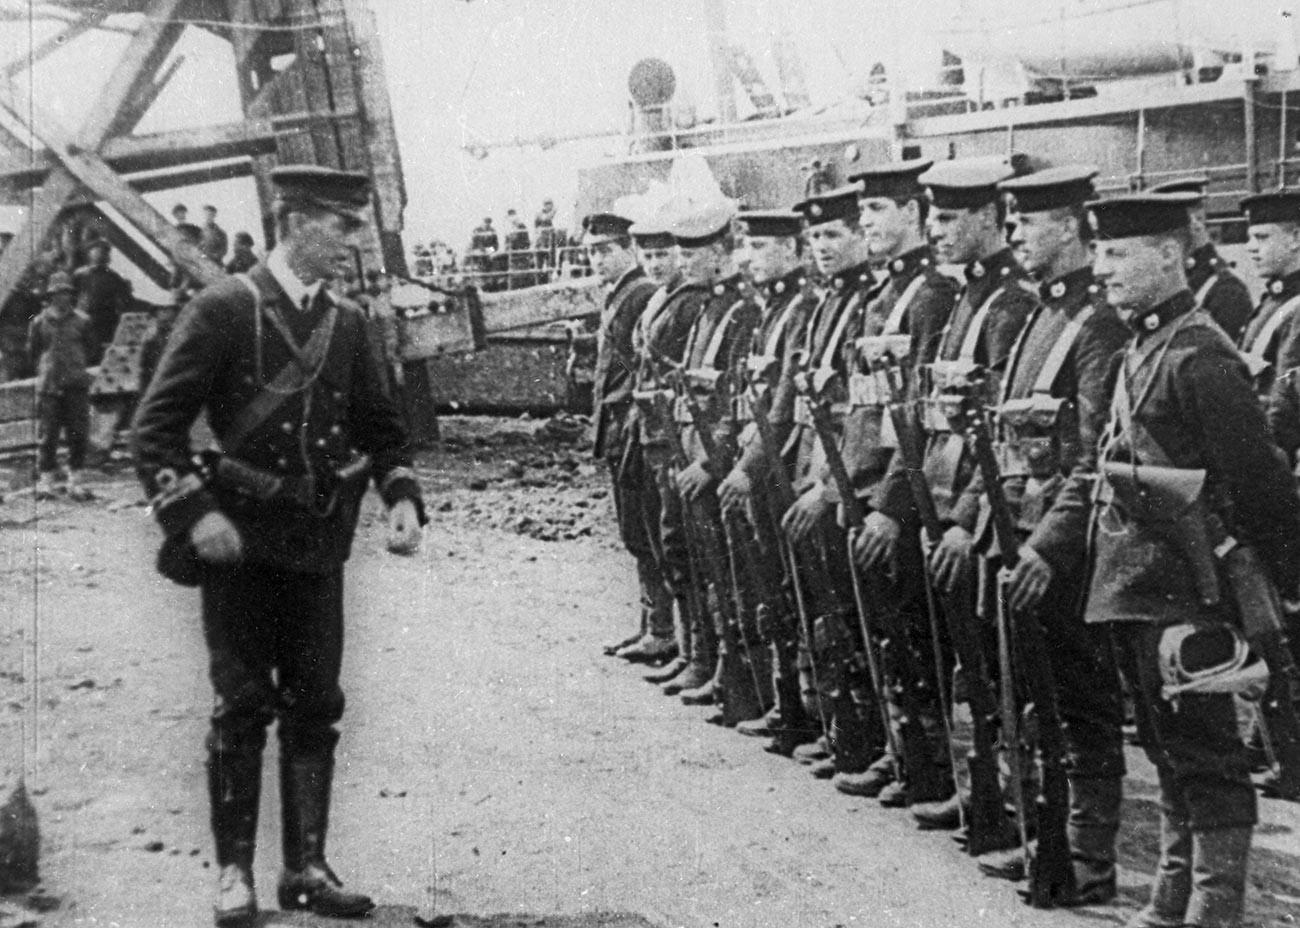 Guerre civile et intervention étrangère en Russie (1918-1921). Envahisseurs français à Odessa en mars 1919